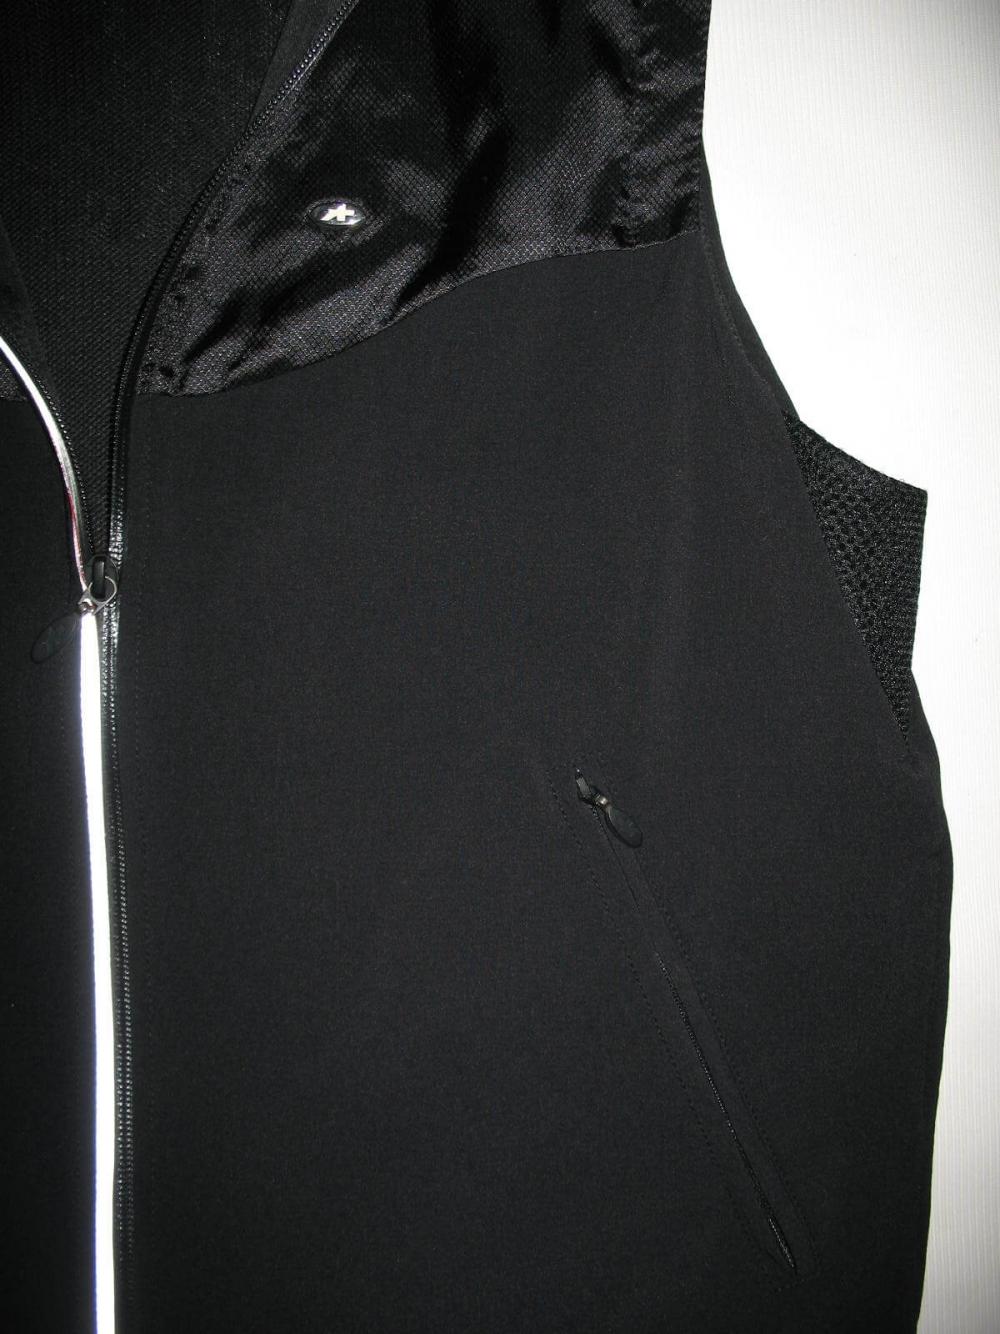 Жилет ASSOS bmc dopo bici DB8 insulator vest (размер M) - 6